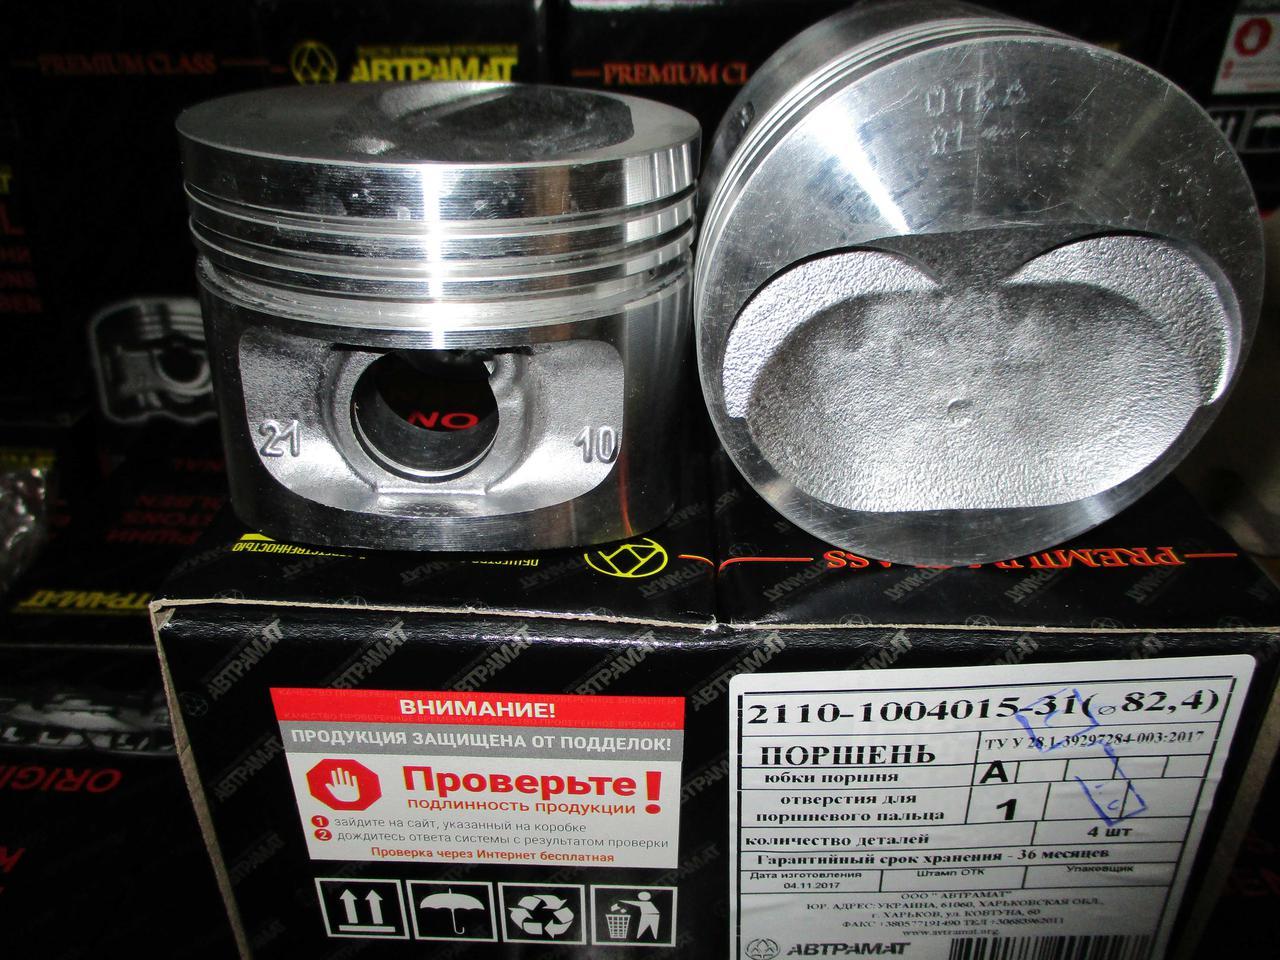 Поршень ваз 2110 82.4 А Автрамат